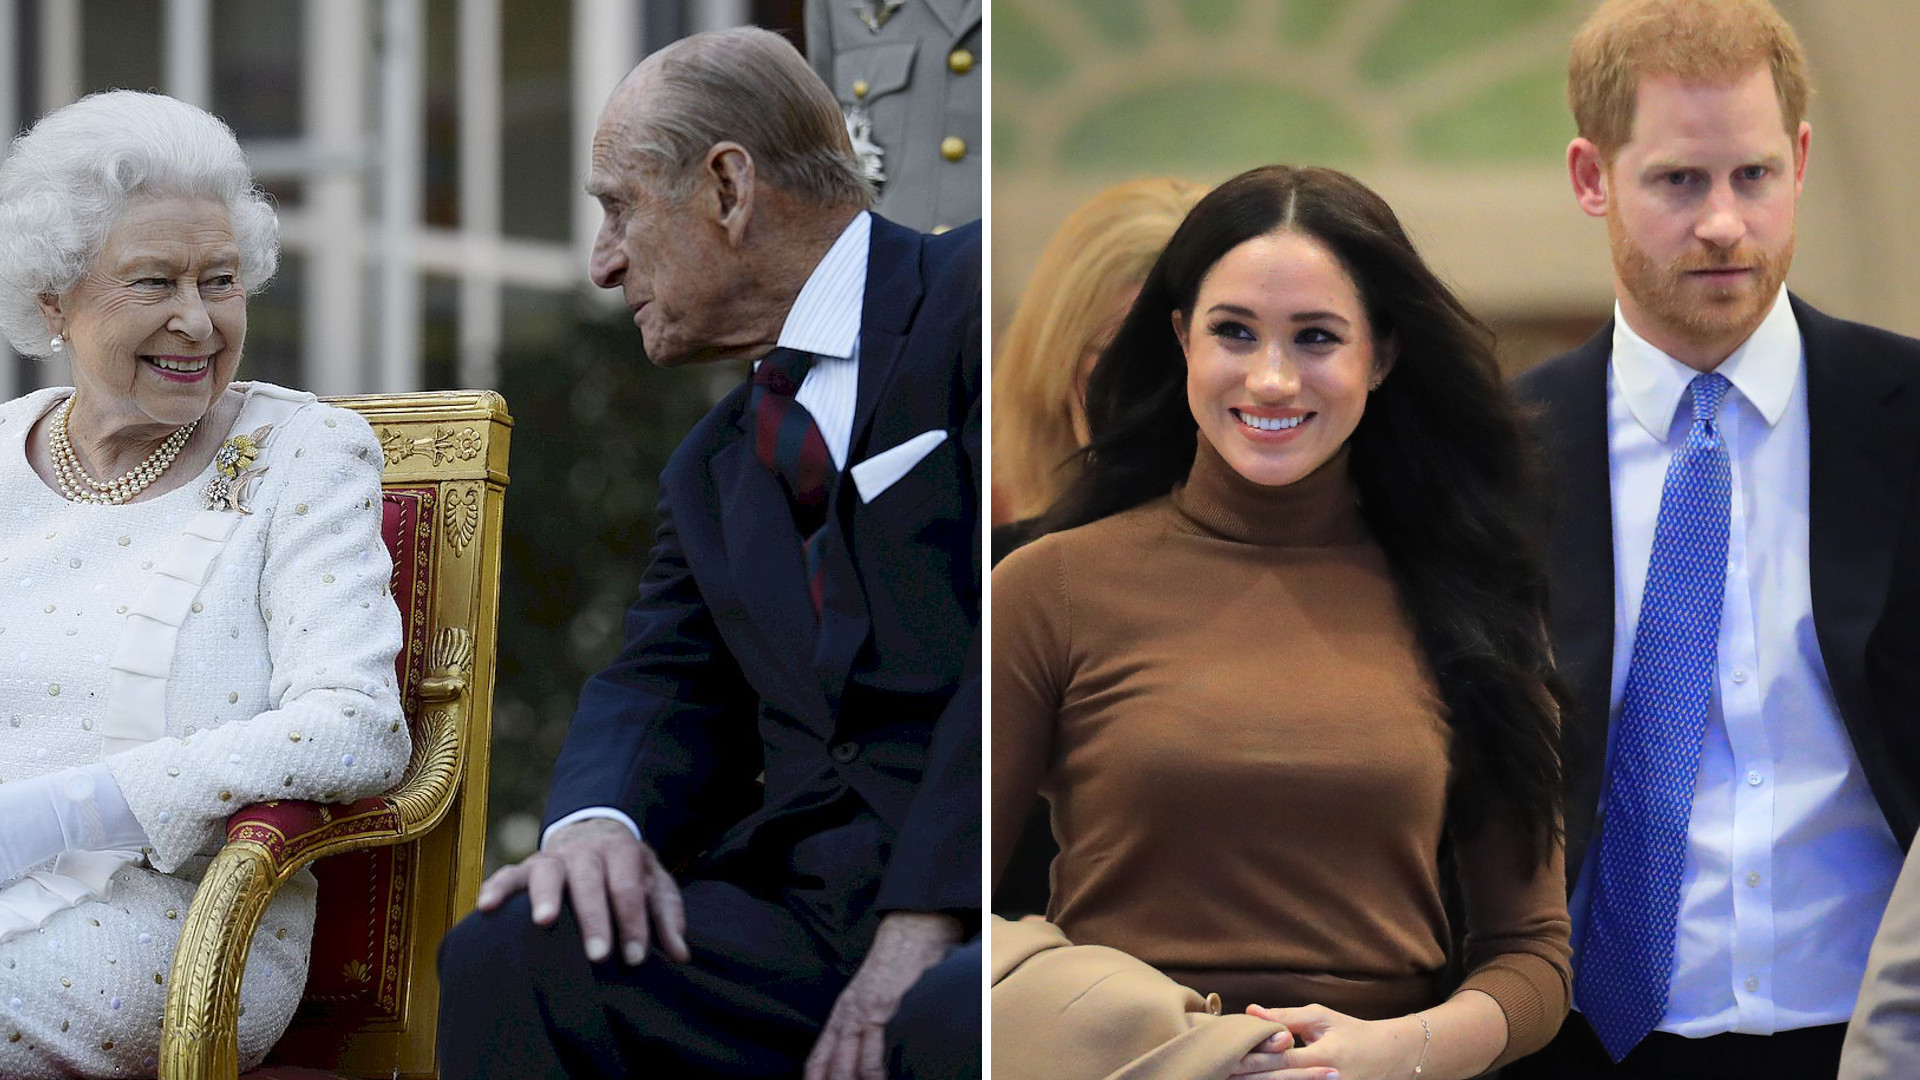 Rodzina królewska poprzez zdjęcia pokazała, jaki ma stosunek do Meghan i Harry'ego